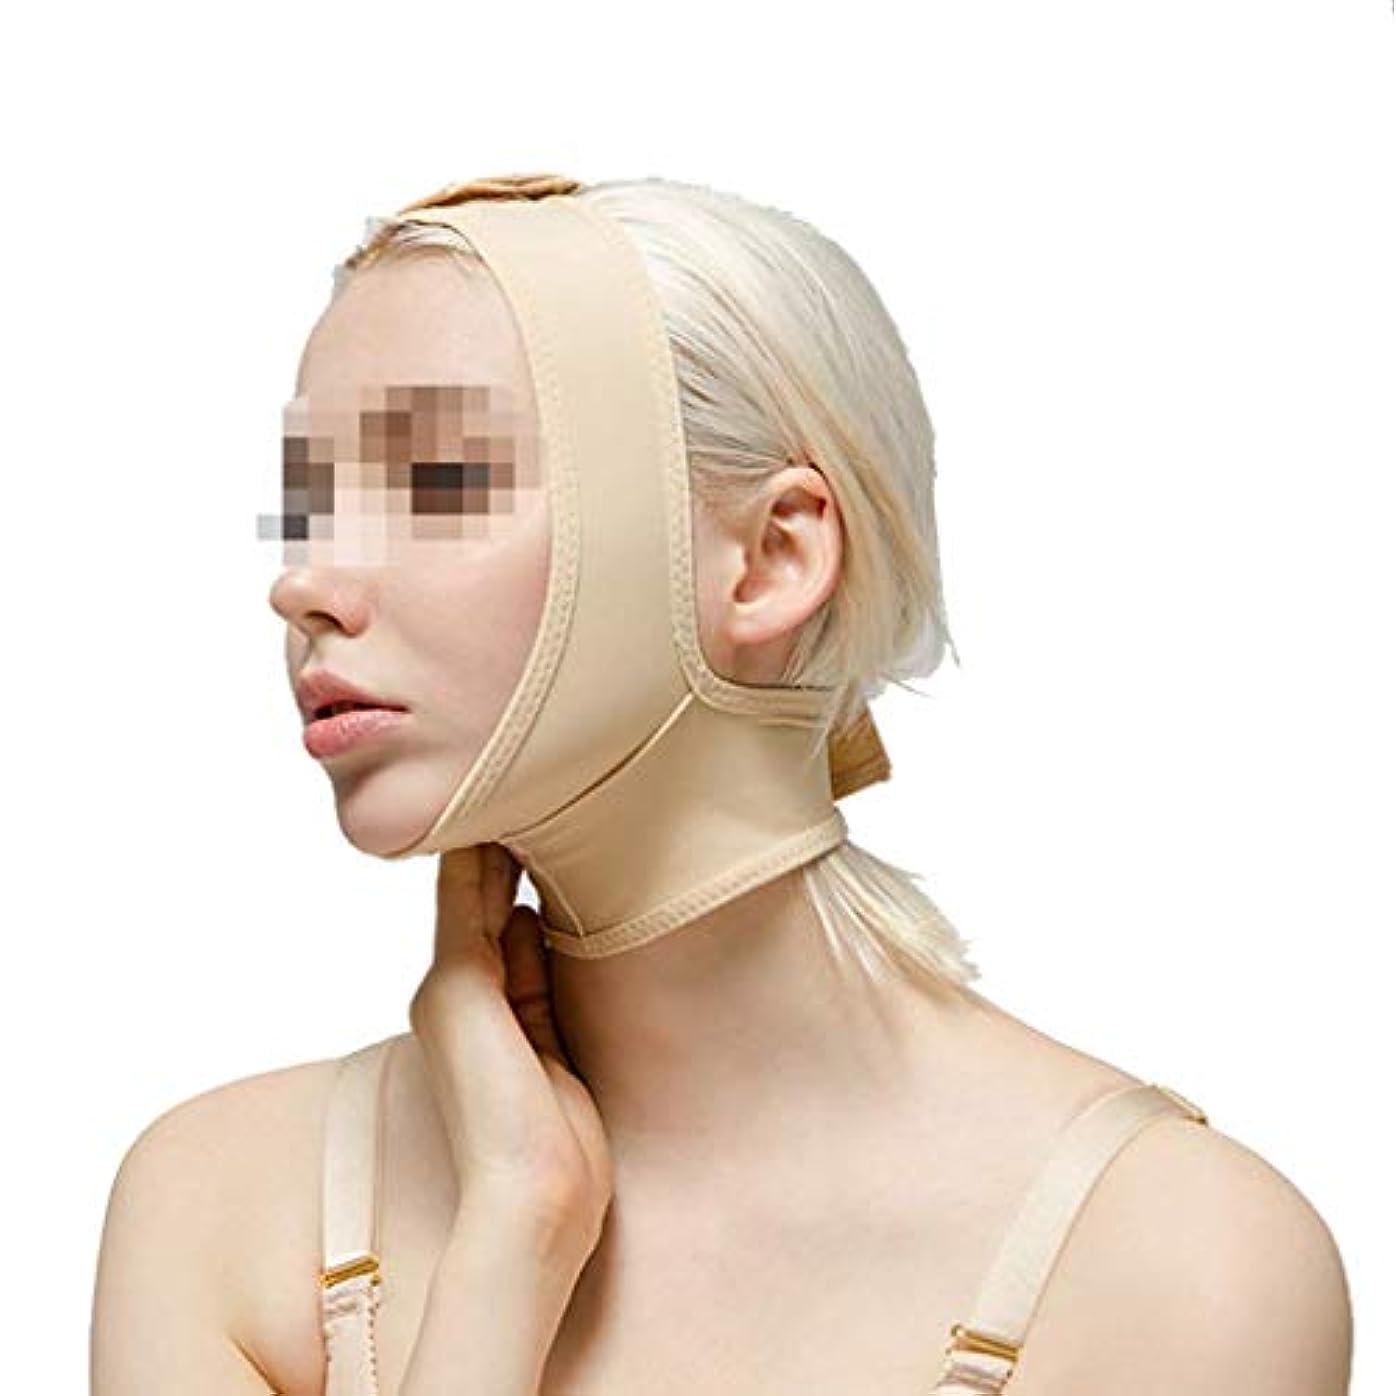 誰入植者寂しい術後伸縮性スリーブ、下顎束フェイスバンデージフェイシャルビームダブルチンシンフェイスマスクマルチサイズオプション(サイズ:L),M